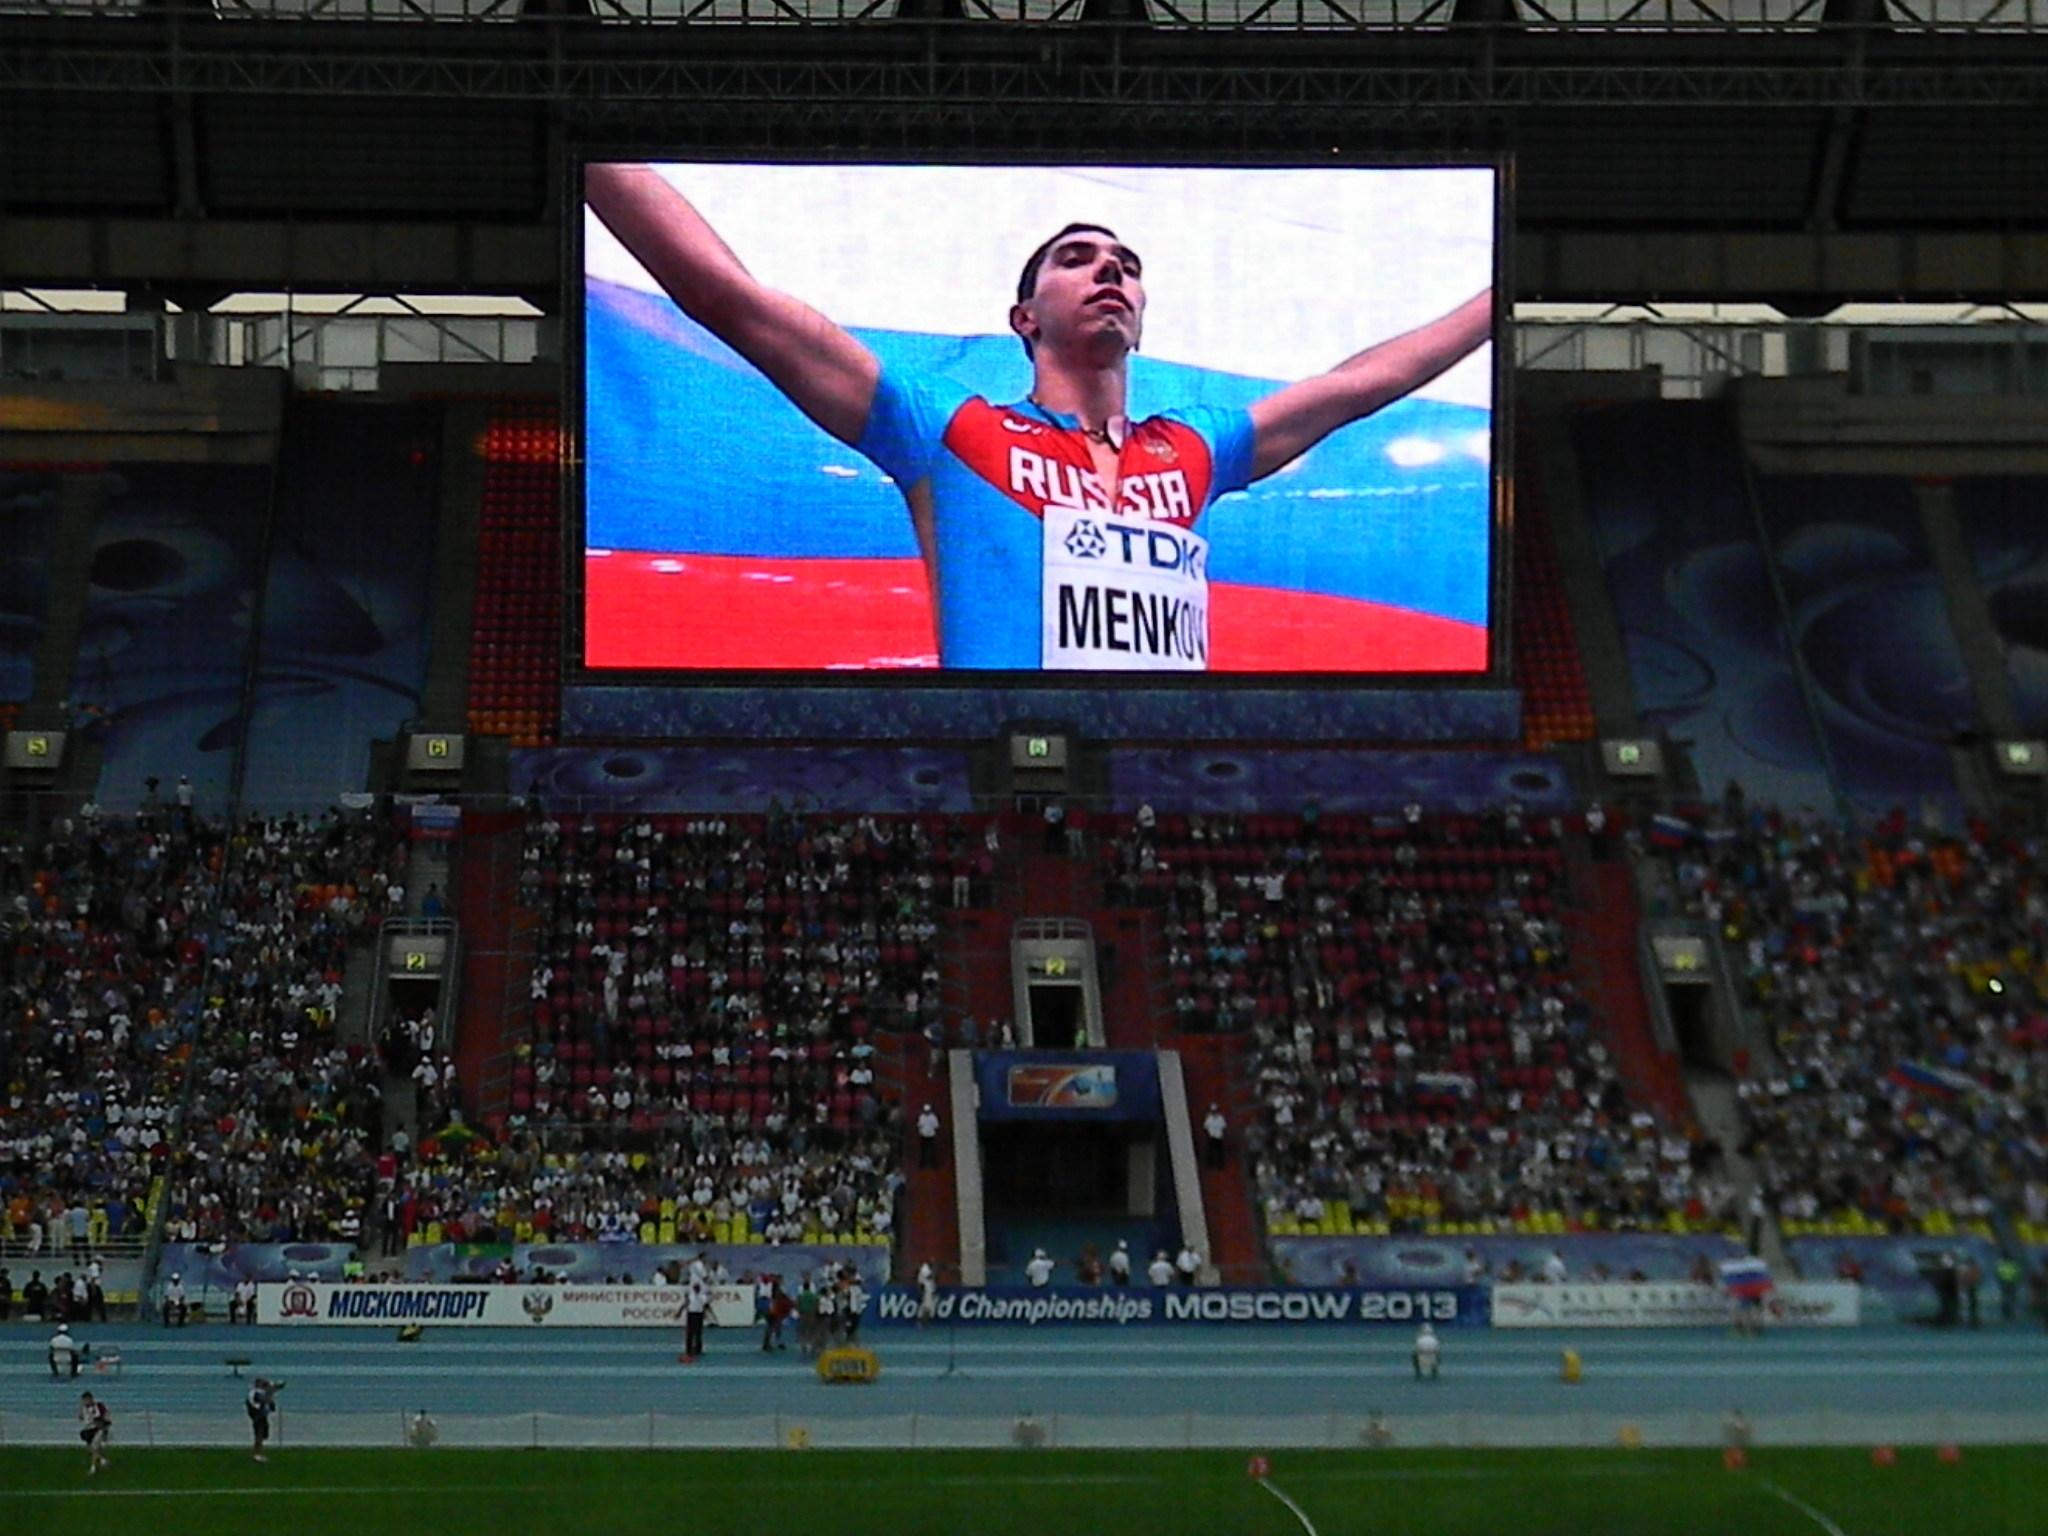 Александр Меньков — победил на чемпионате мира в Москве